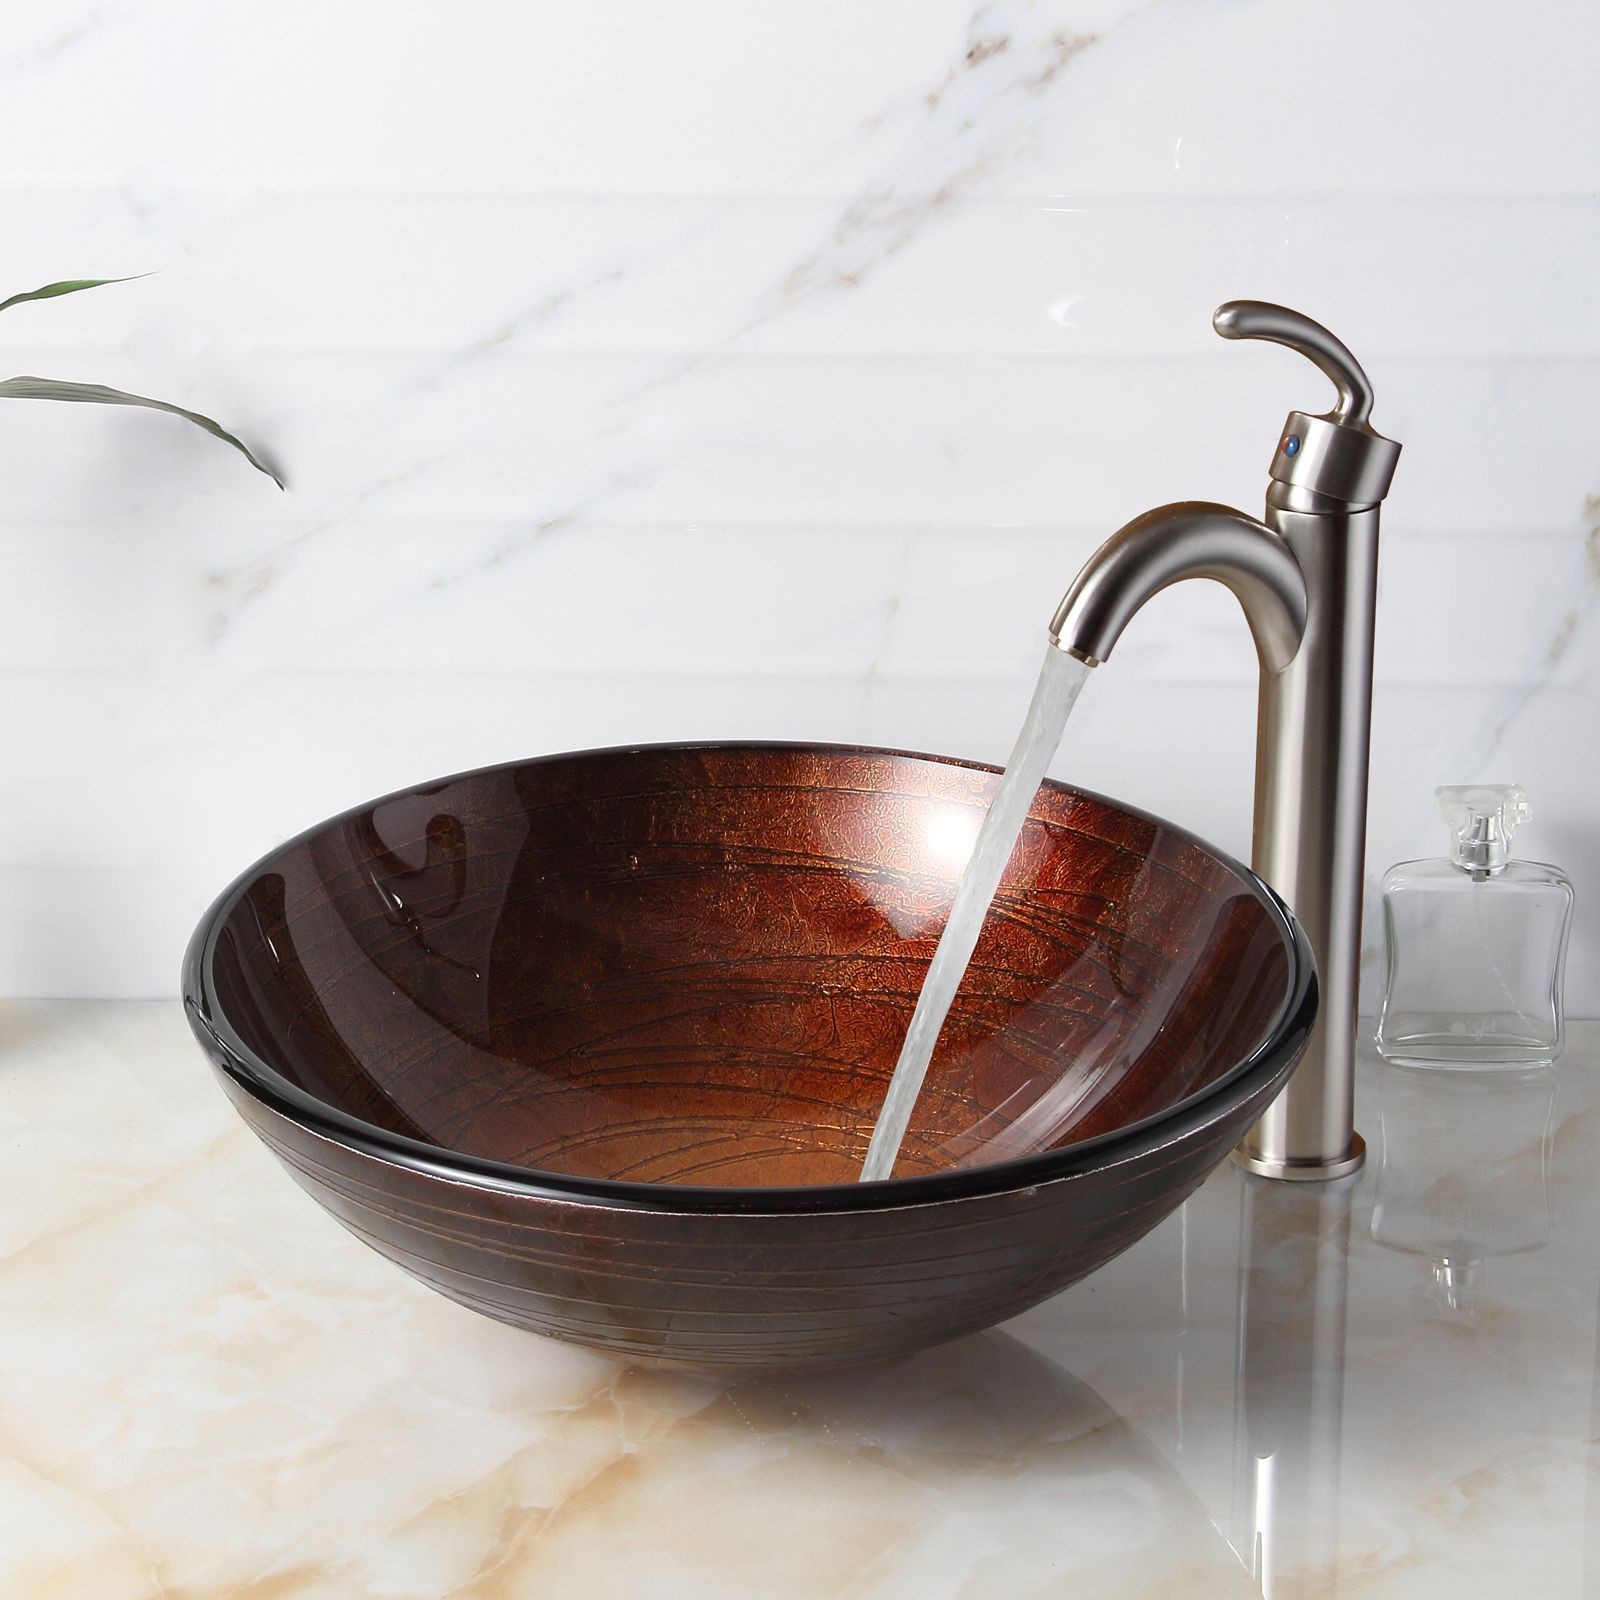 Elite 1312 882002 Modern Design Tempered Glass Bathroom Vessel Sink